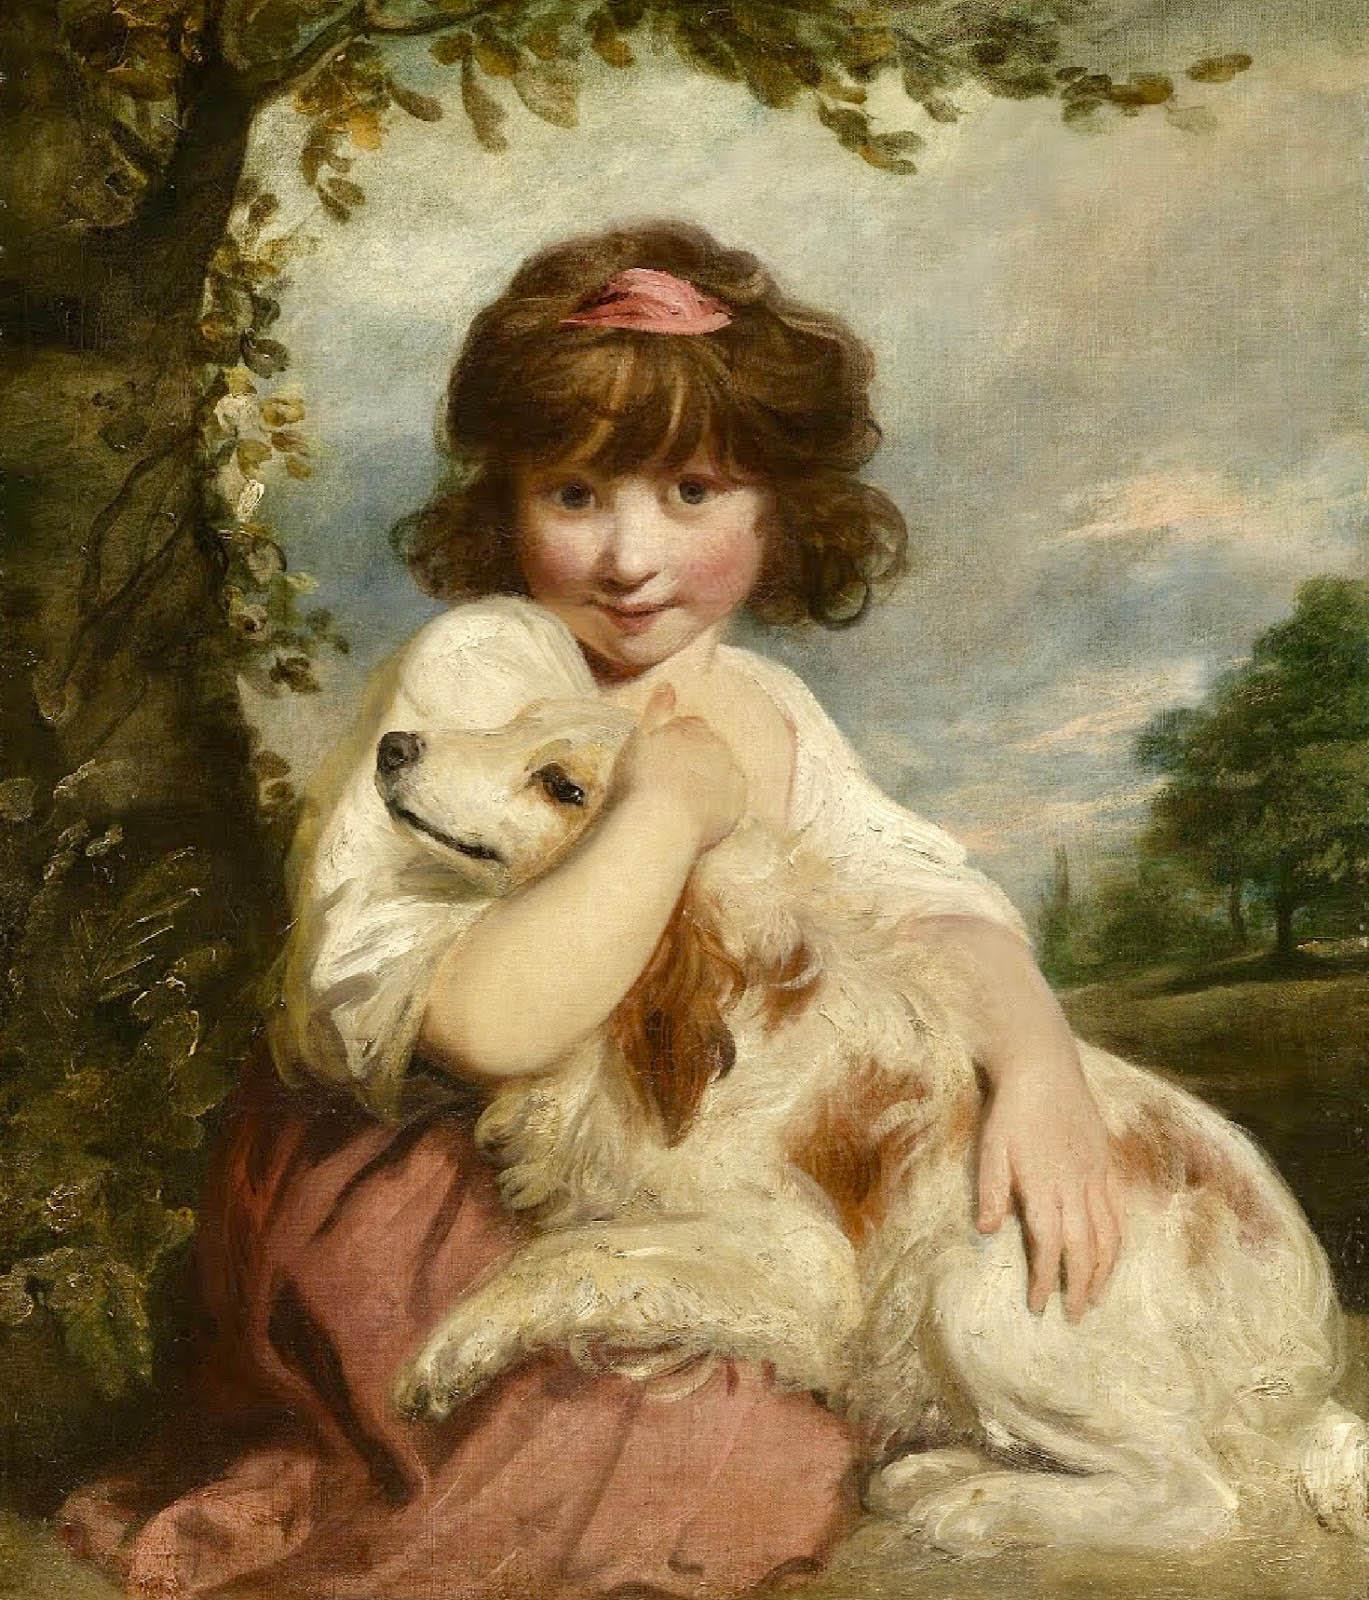 Sir Joshua Reynolds. Una jovencita y su perro. 1780. Tokyo Fuji Art Museum.